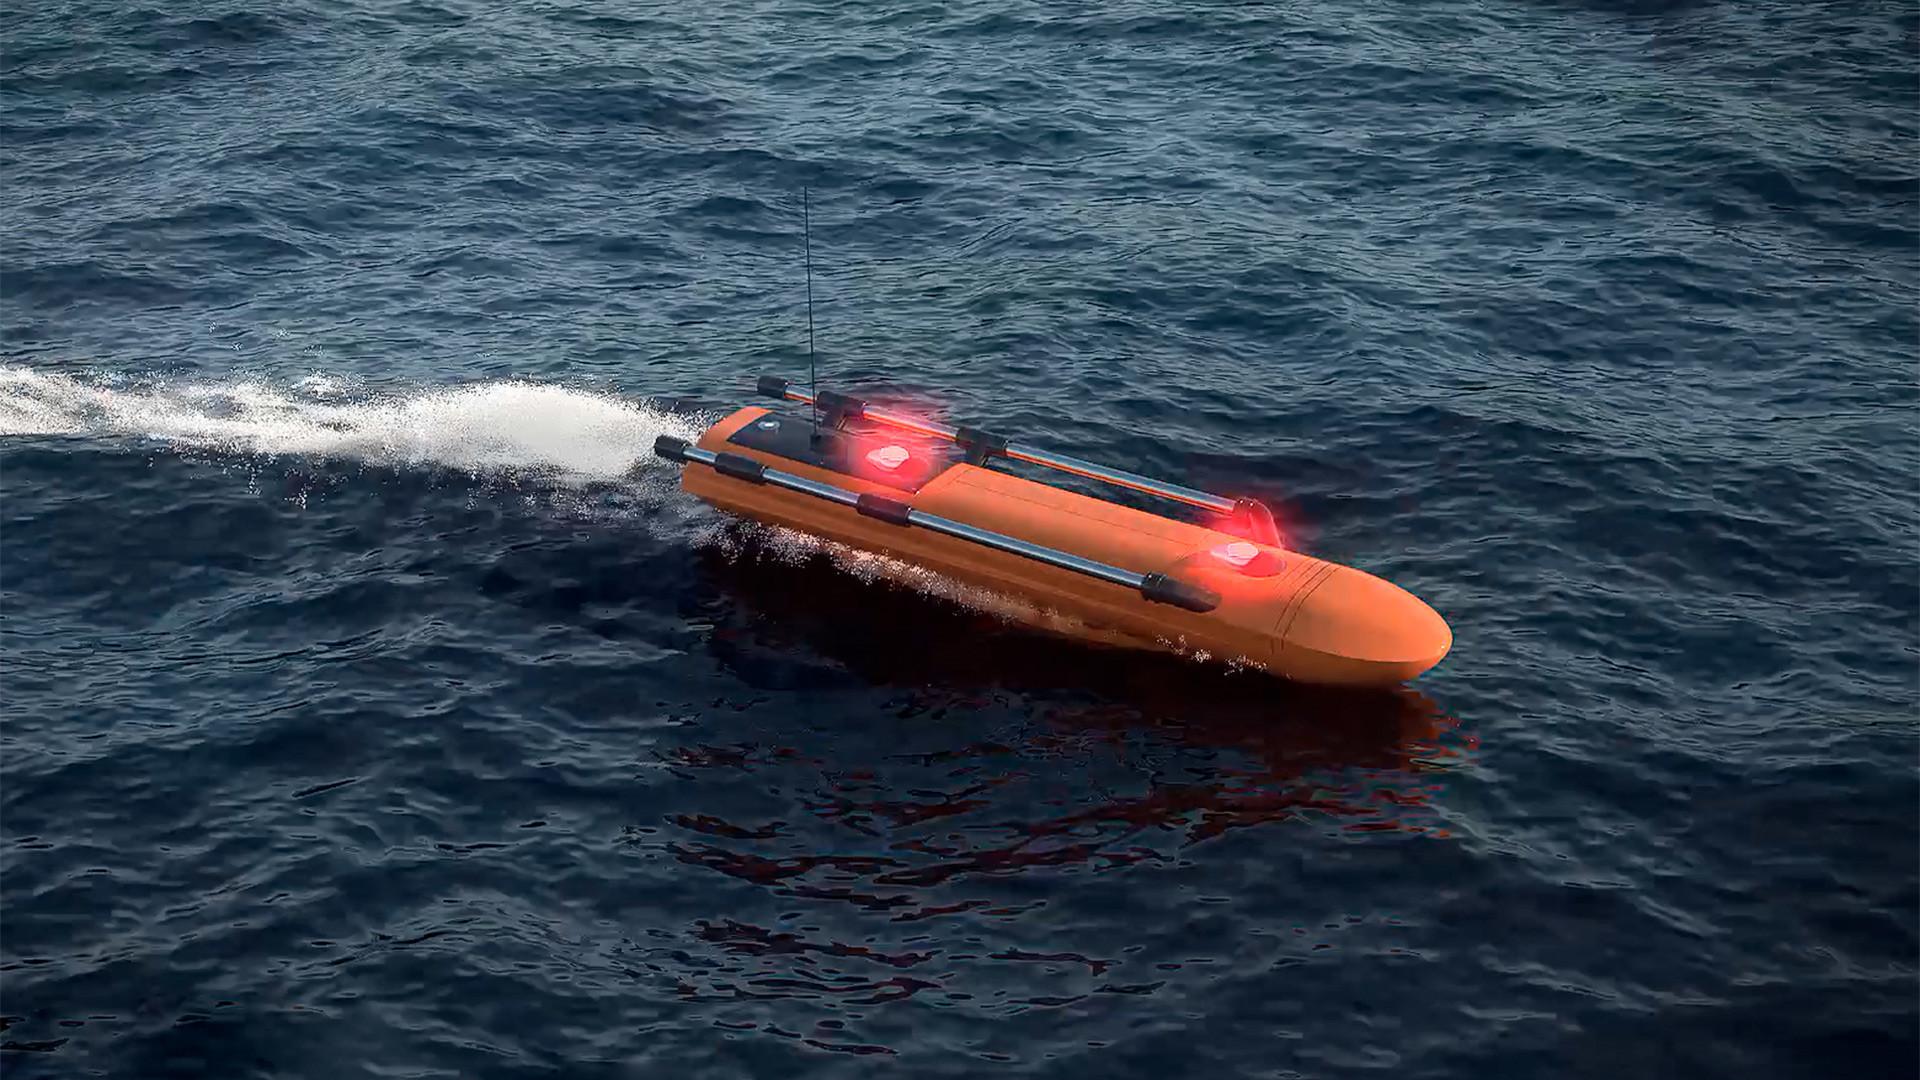 """Беспилотно пловило са вештачком интелигенцијом """"Аурора"""" за потрагу и спасавање."""